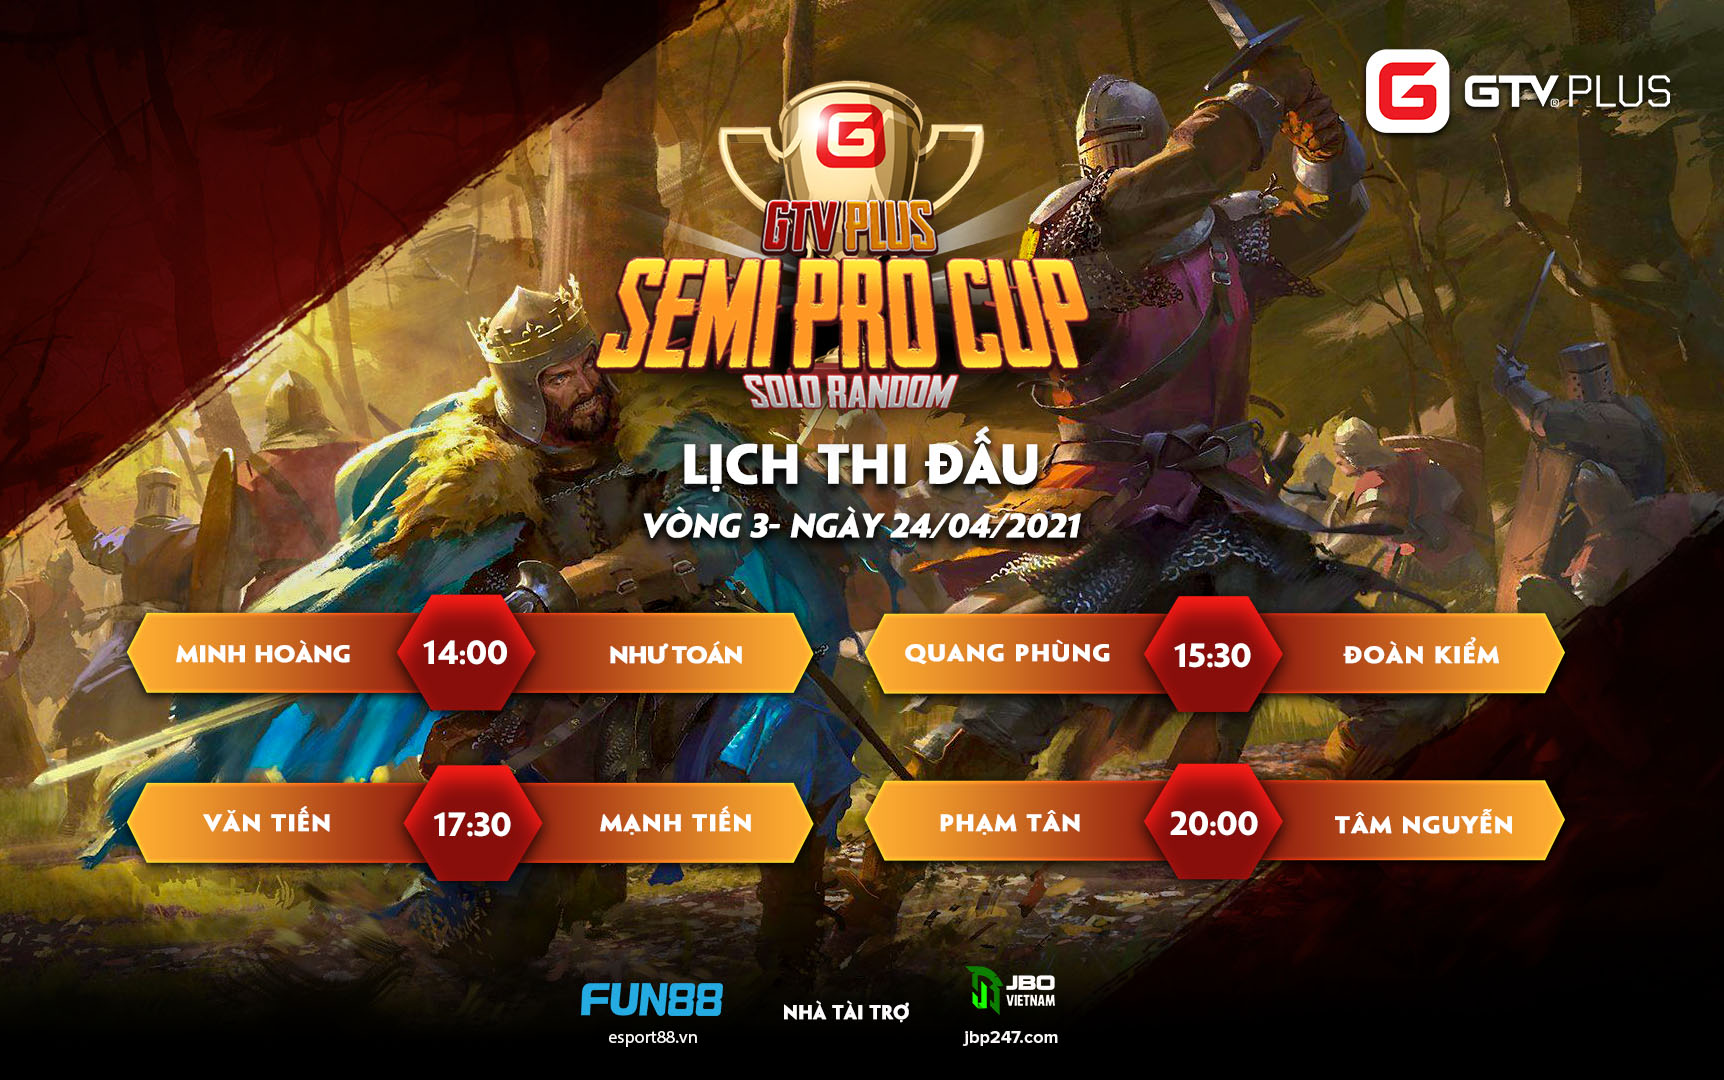 Lịch thi đấu ngày thi đấu ngày 24 tháng 4 Giải đấu GTV Semi Pro Cup 2021